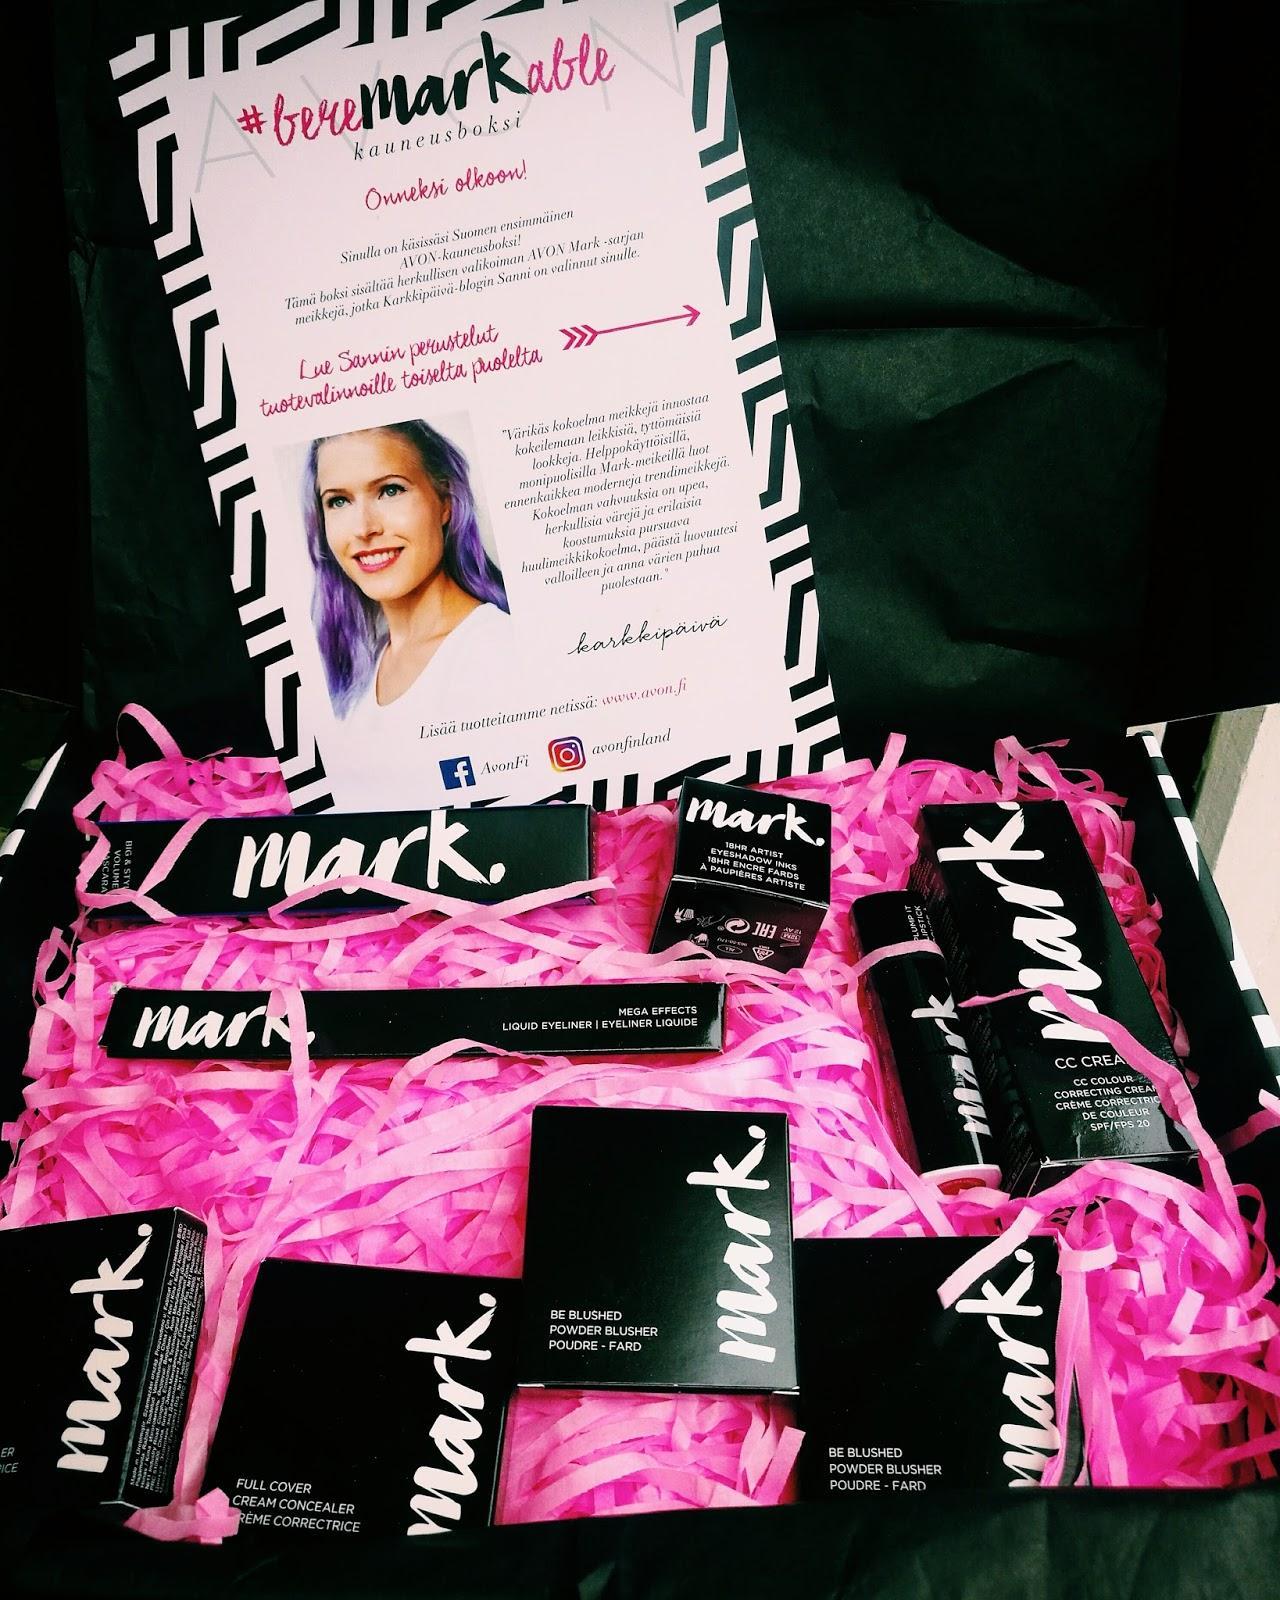 Avon Mark Karkkipäivän kauneusboxi ja meikkiarvonta